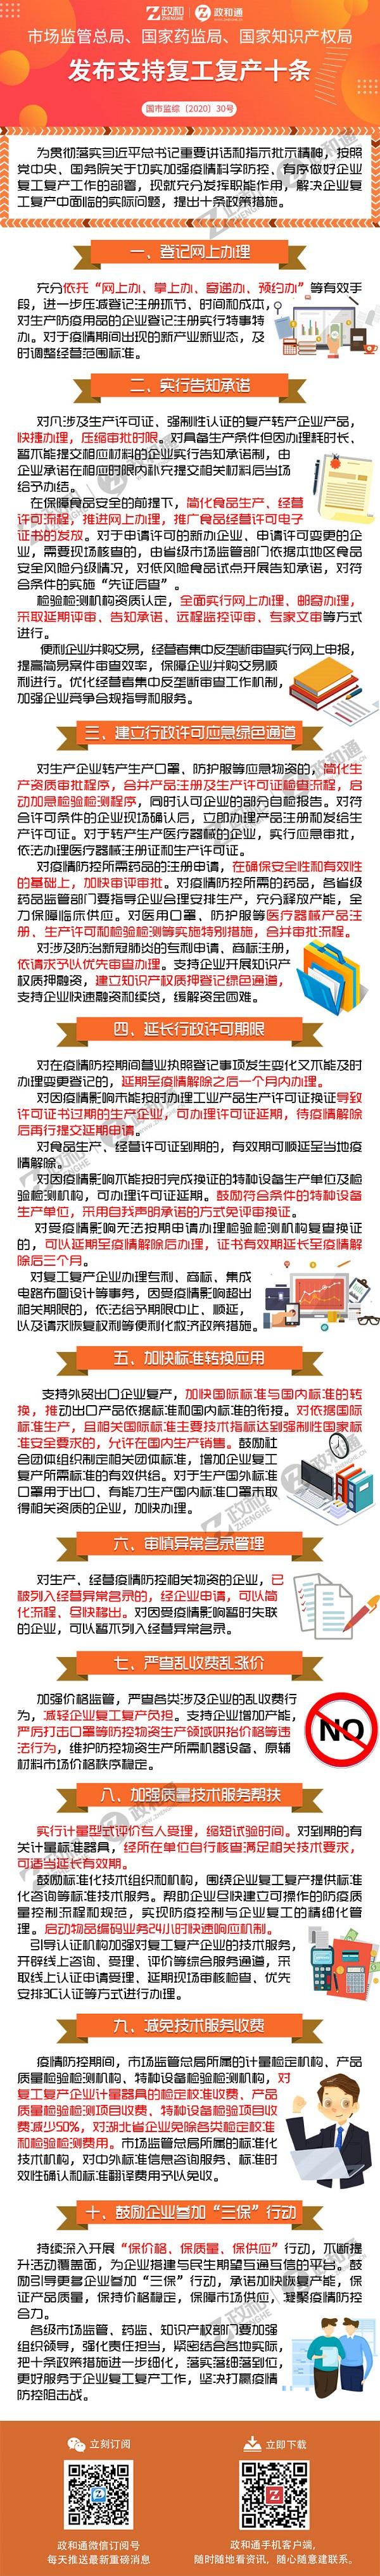 市场监管总局、国家药监局、国家知识产权局发布支持复工复产十条.jpg